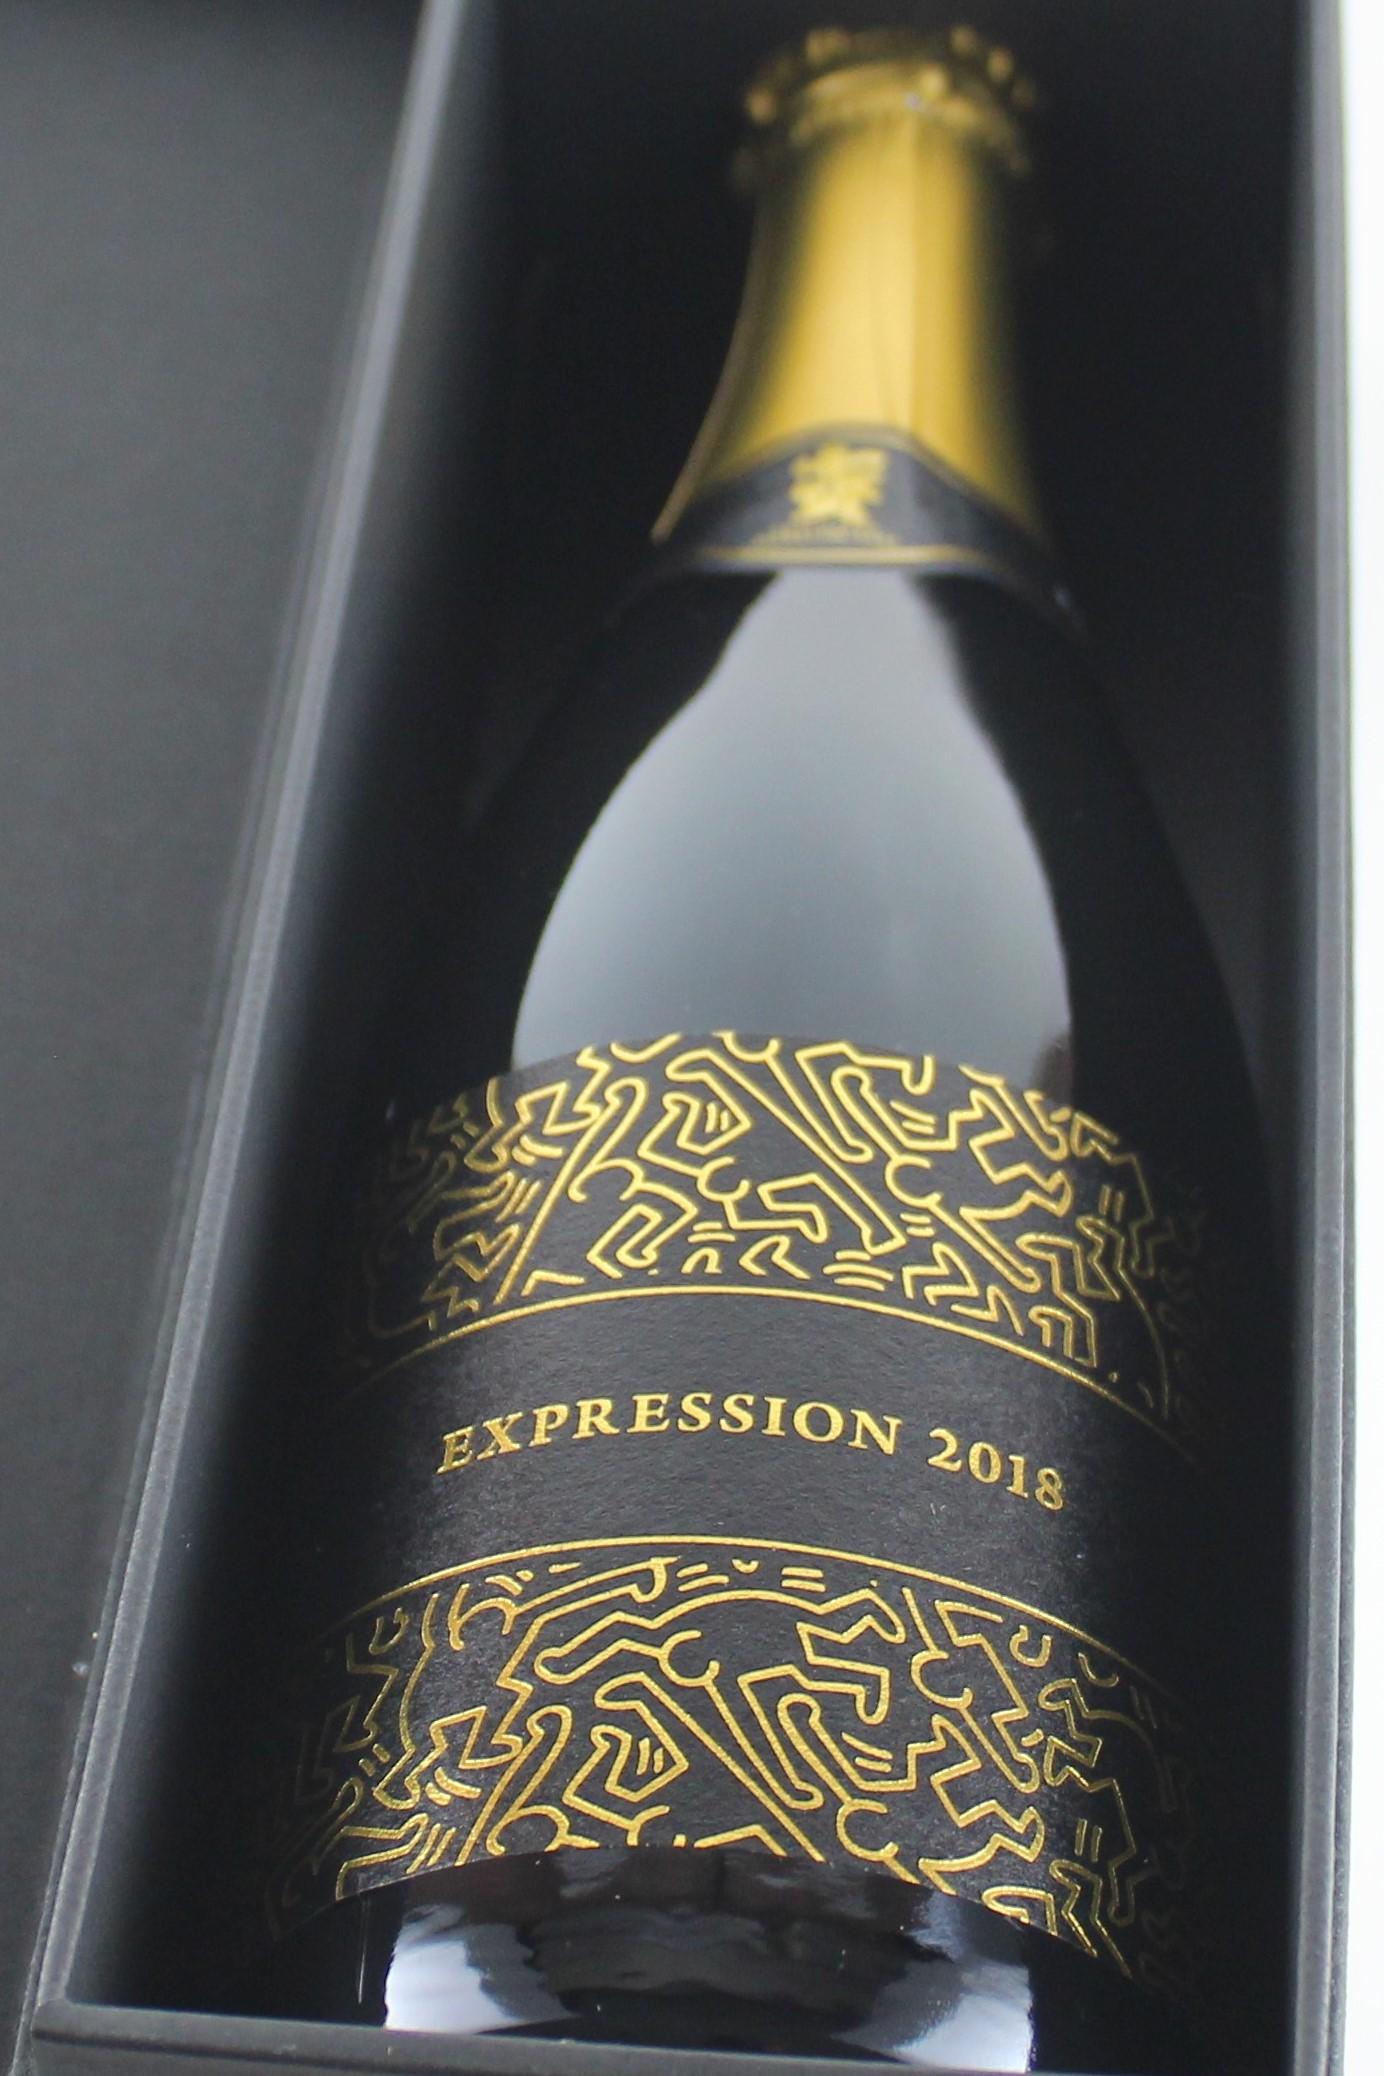 七賢 EXPRESSION2018-エクスプレッション スパークリング 720ml 【山梨/山梨銘醸】キース・へリングとのコラボレーション/蔵出限定2000本